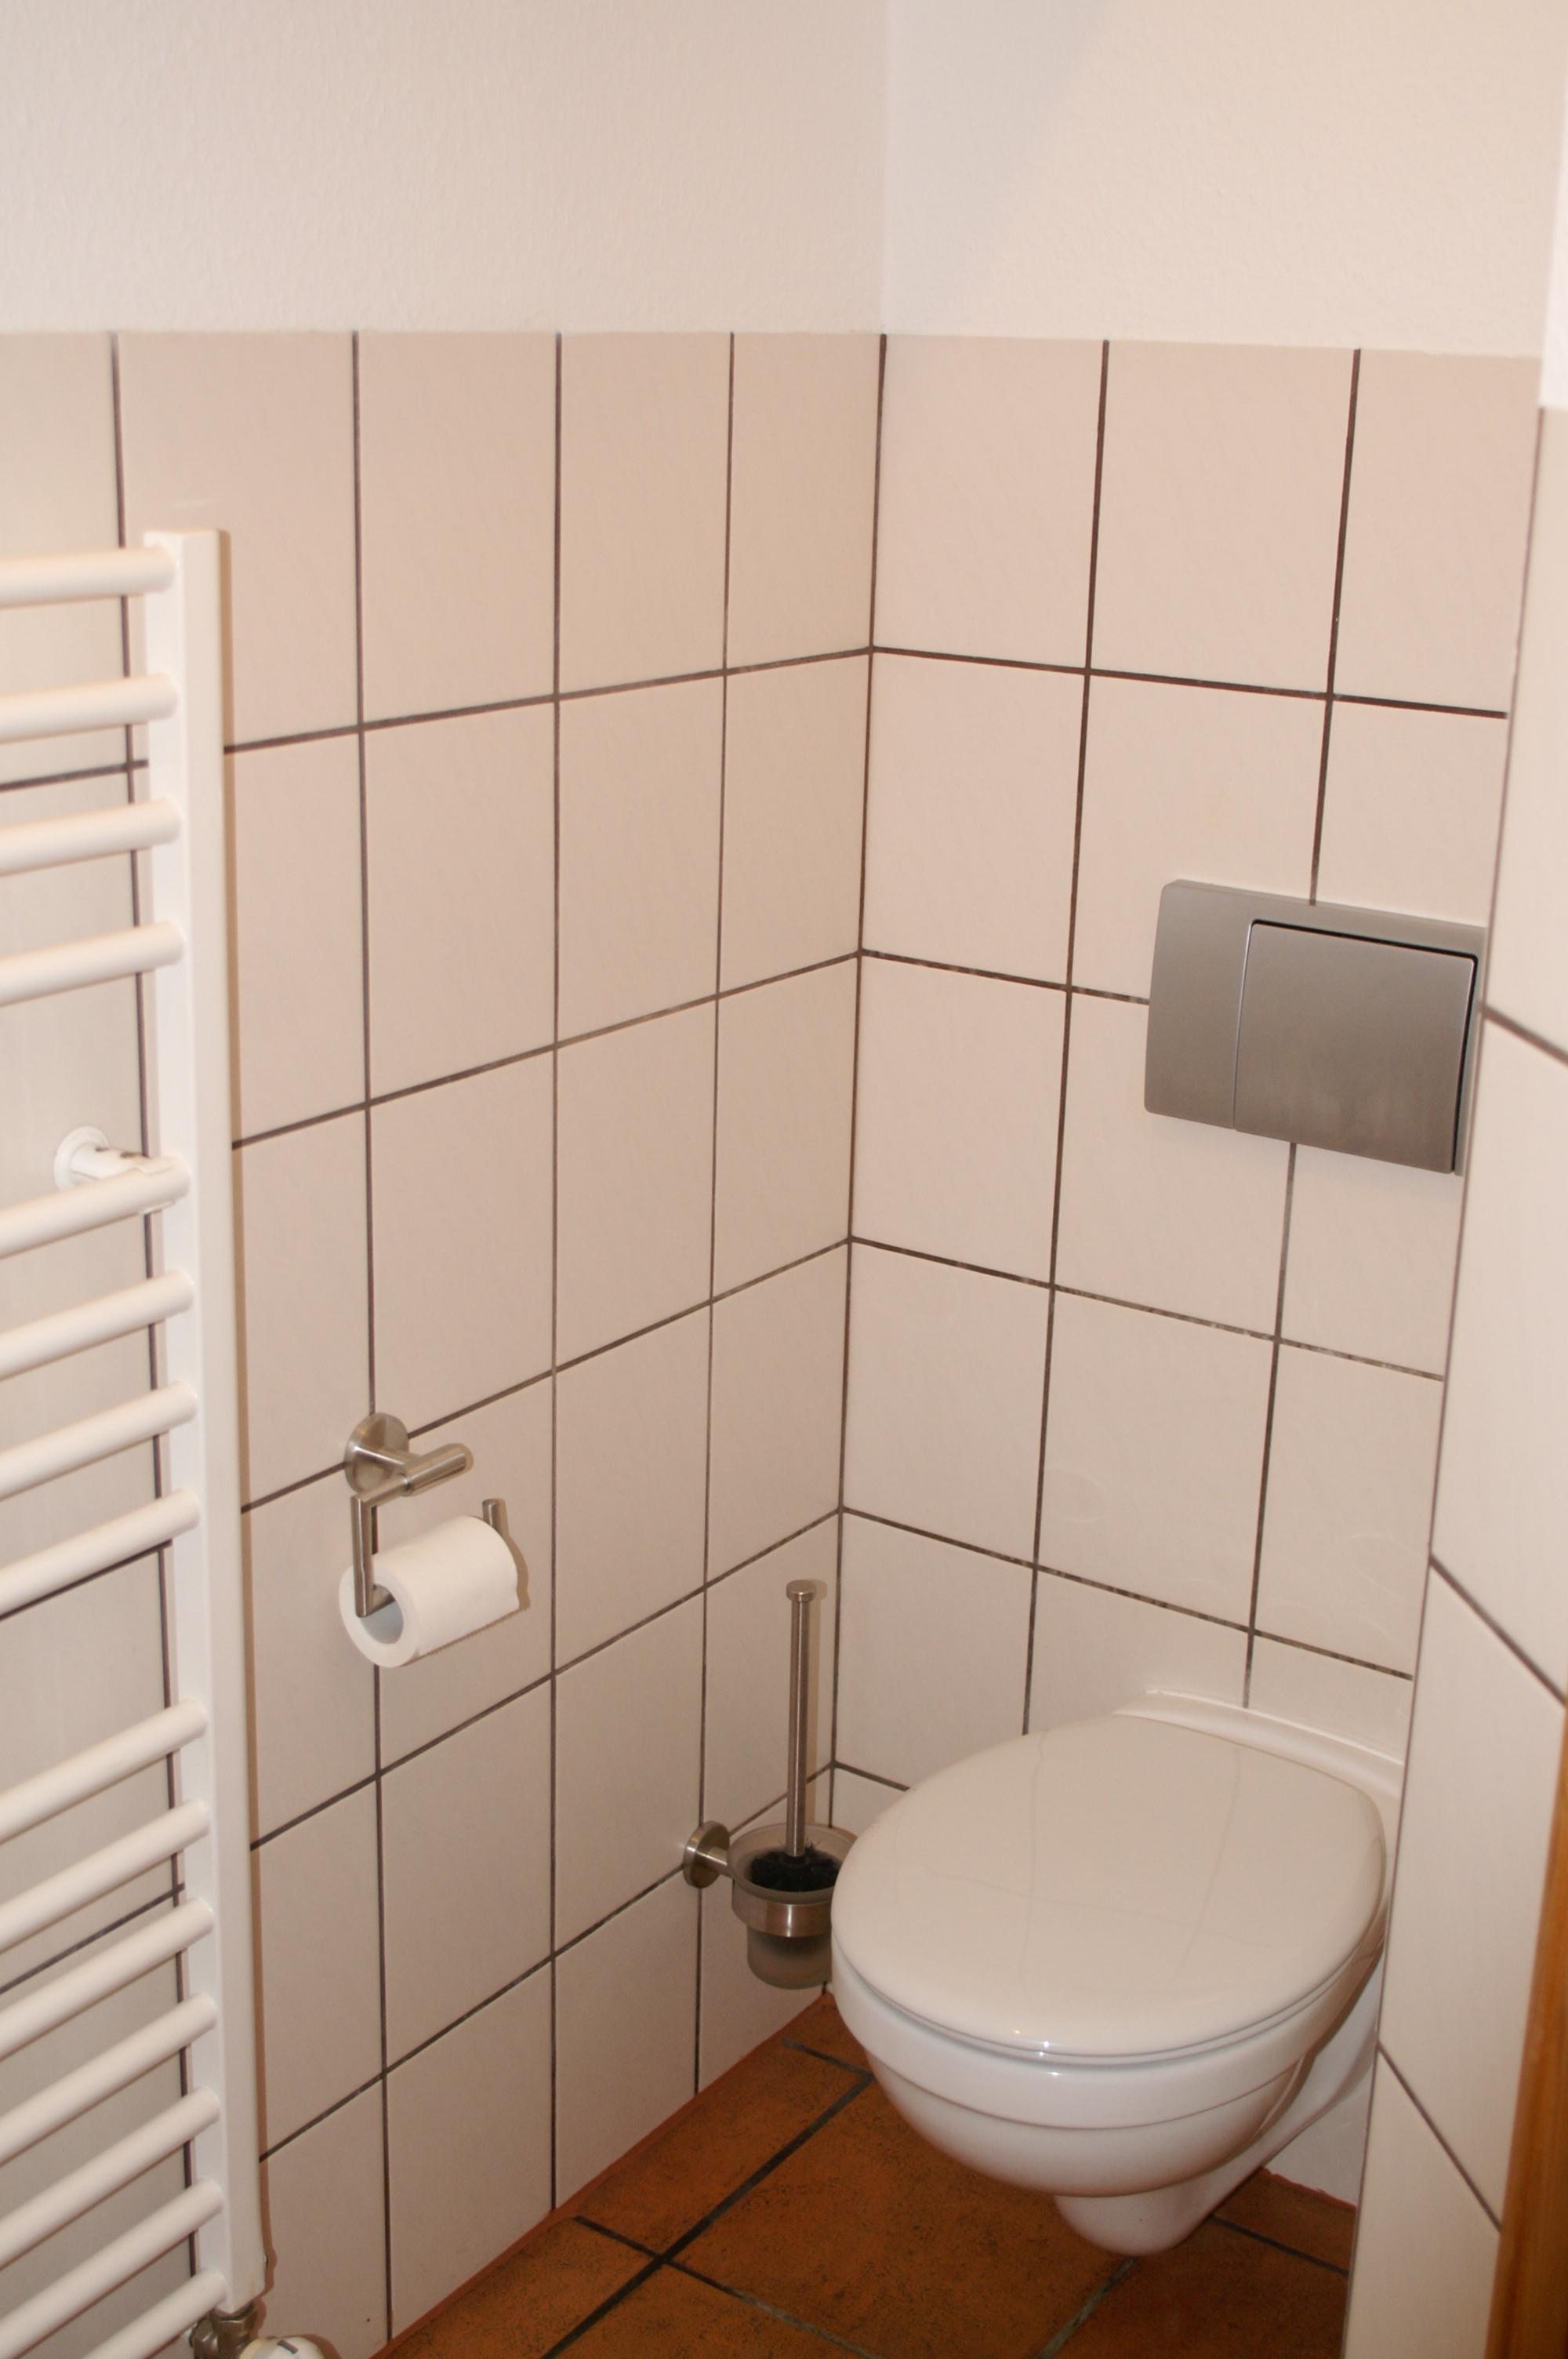 Dusche in Wohnung 1